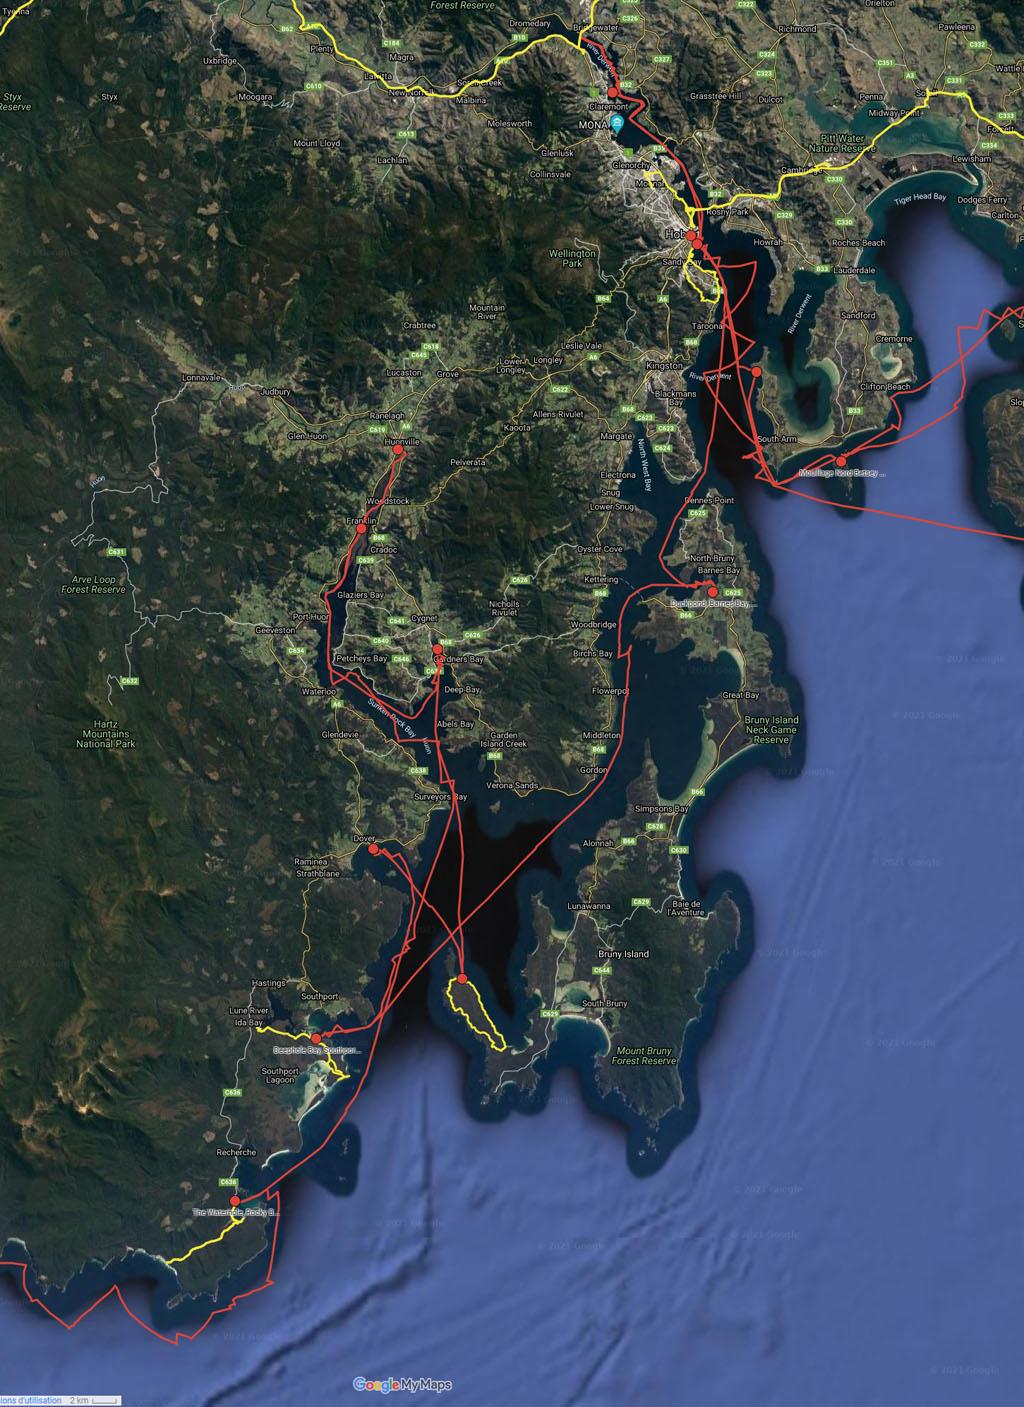 Côte Sud et Sud-Est - cliquer sur l'image pour ouvrir la Google Maps